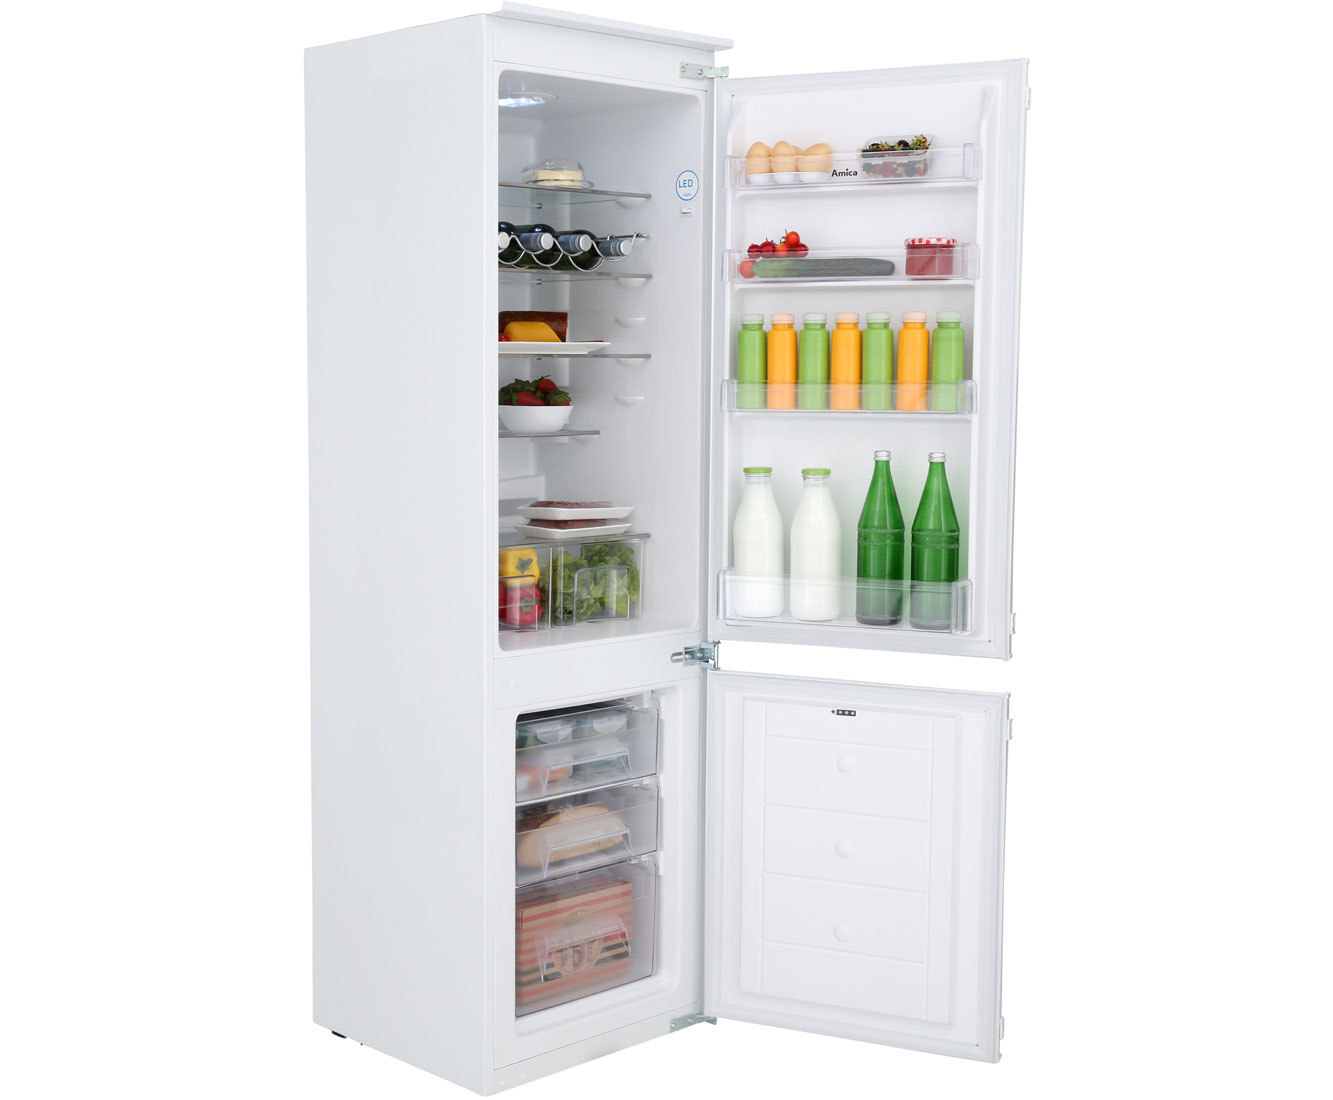 Aeg Kühlschrank Gefrierkombination Einbau : Einbau kühl gefrierkombination a preisvergleich u die besten